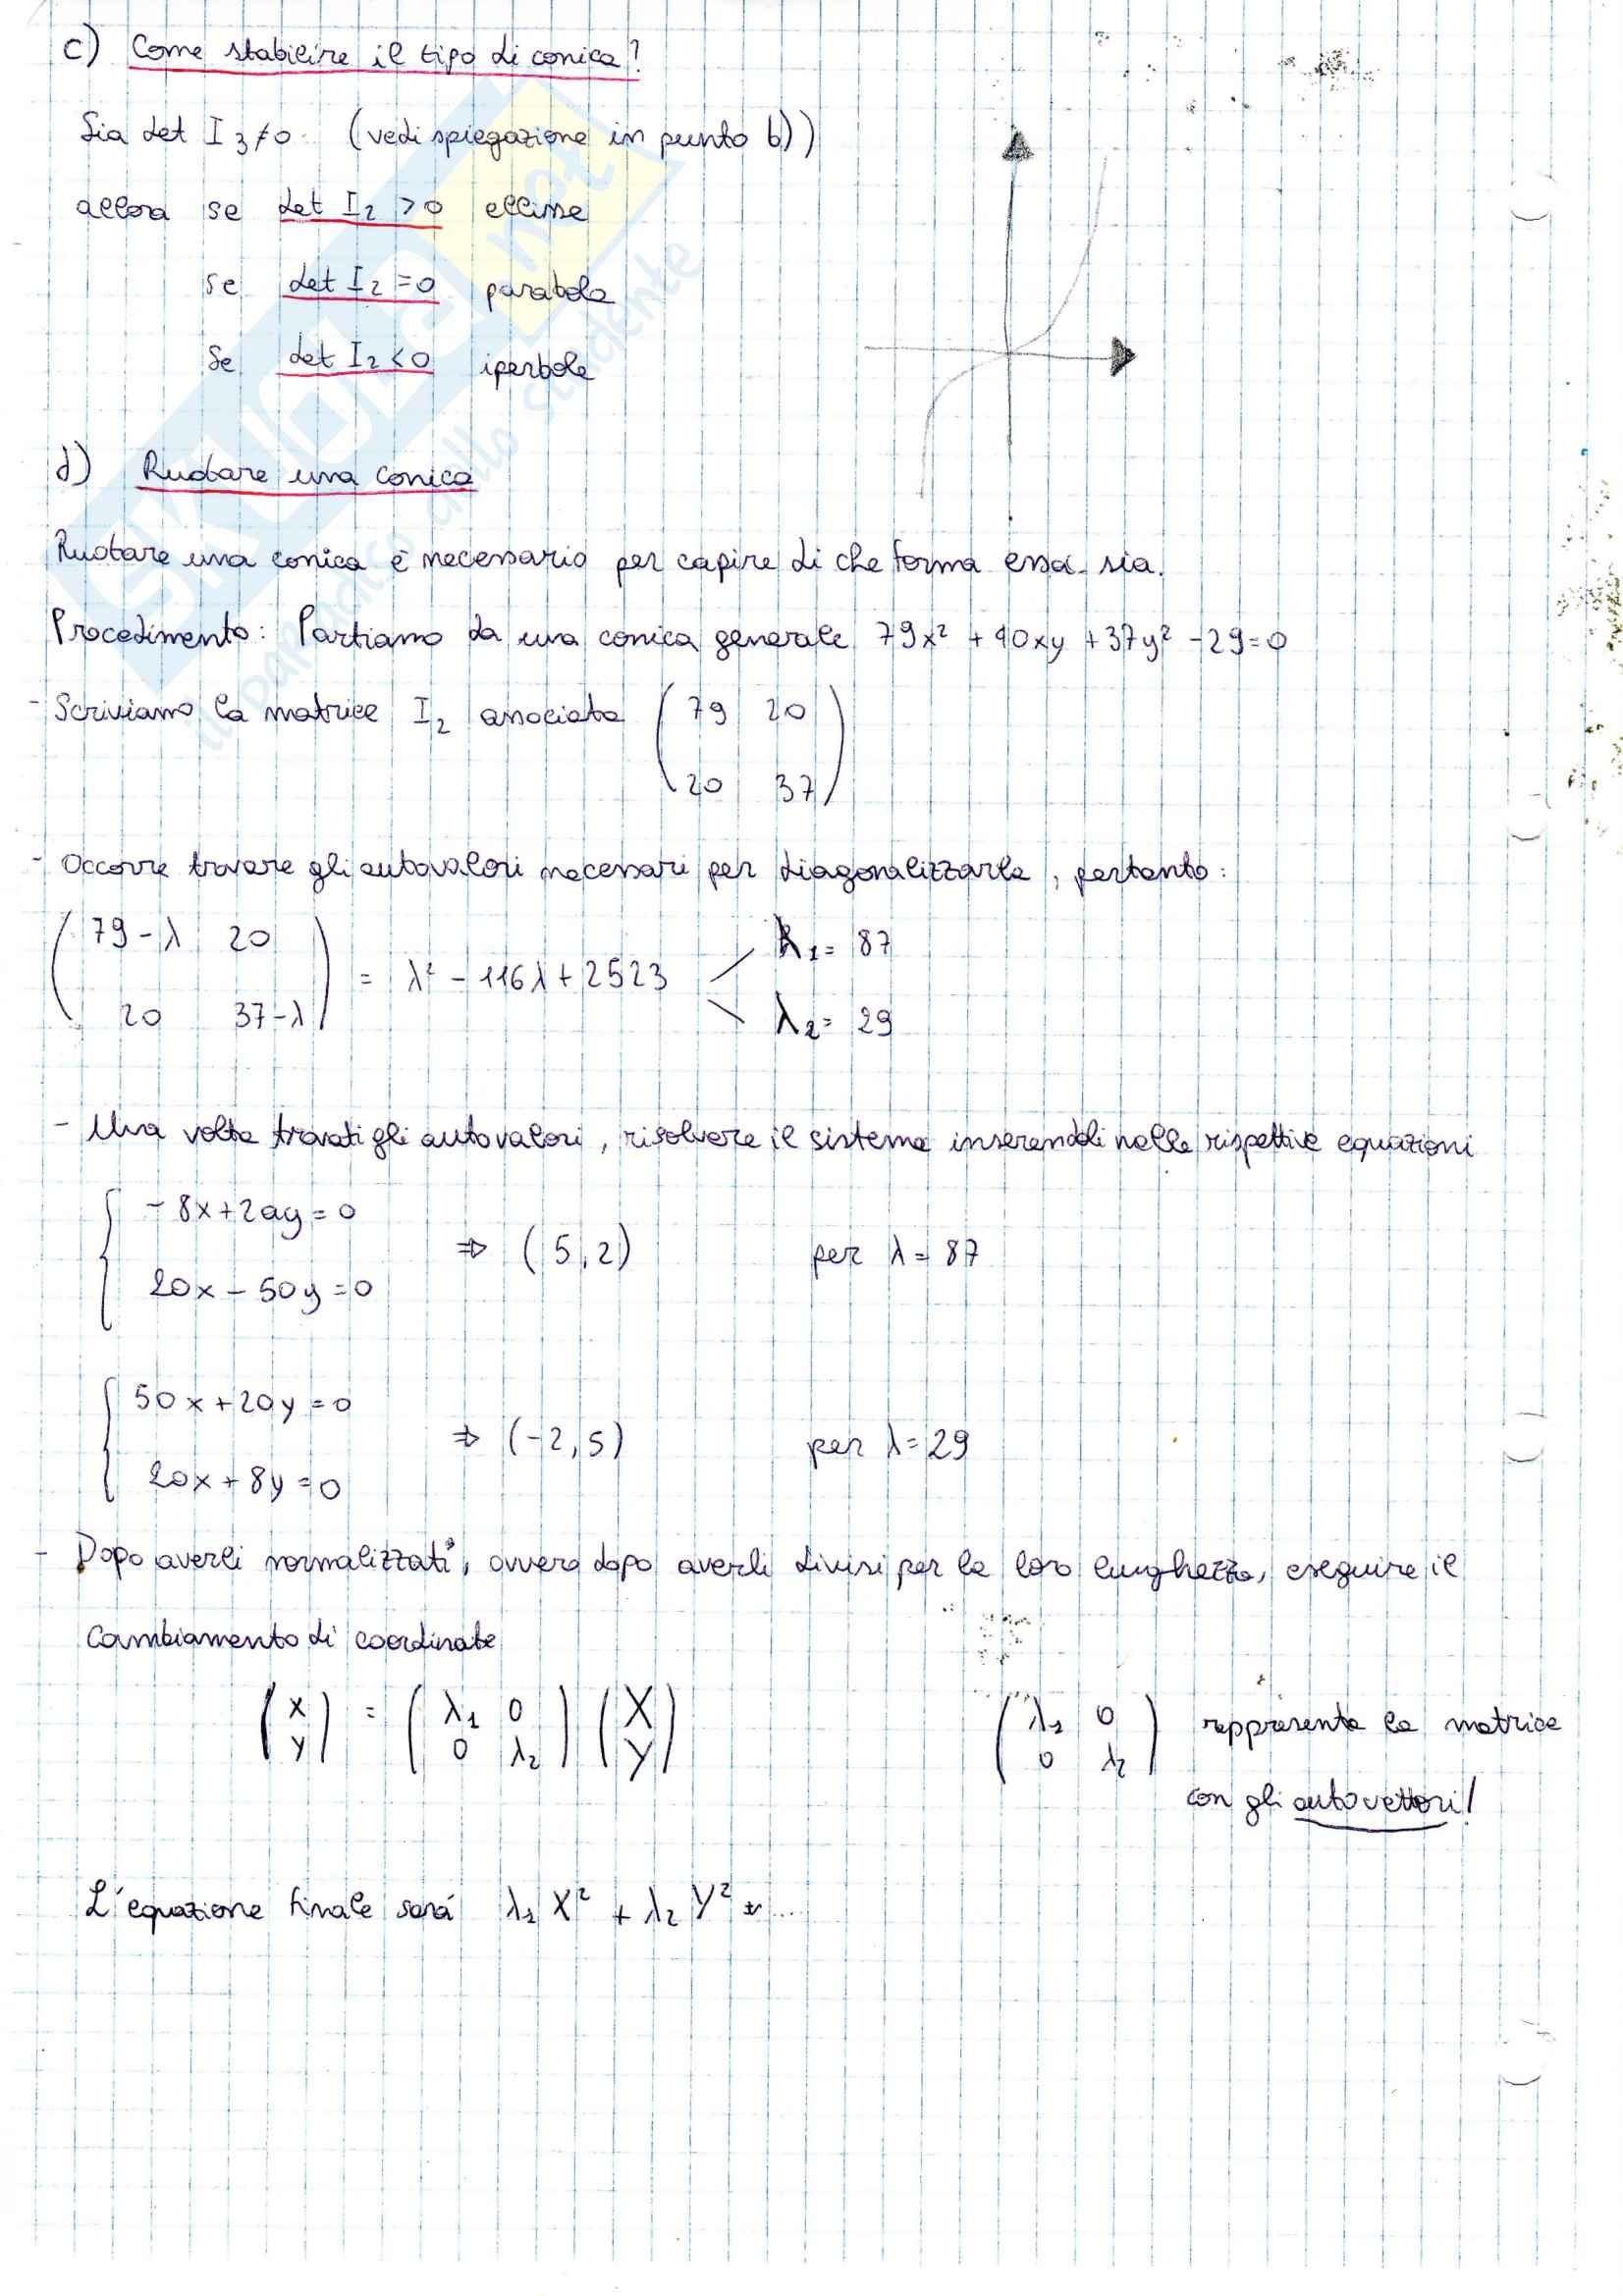 Geometria e algebra lineare  - come stabilire il tipo di conica